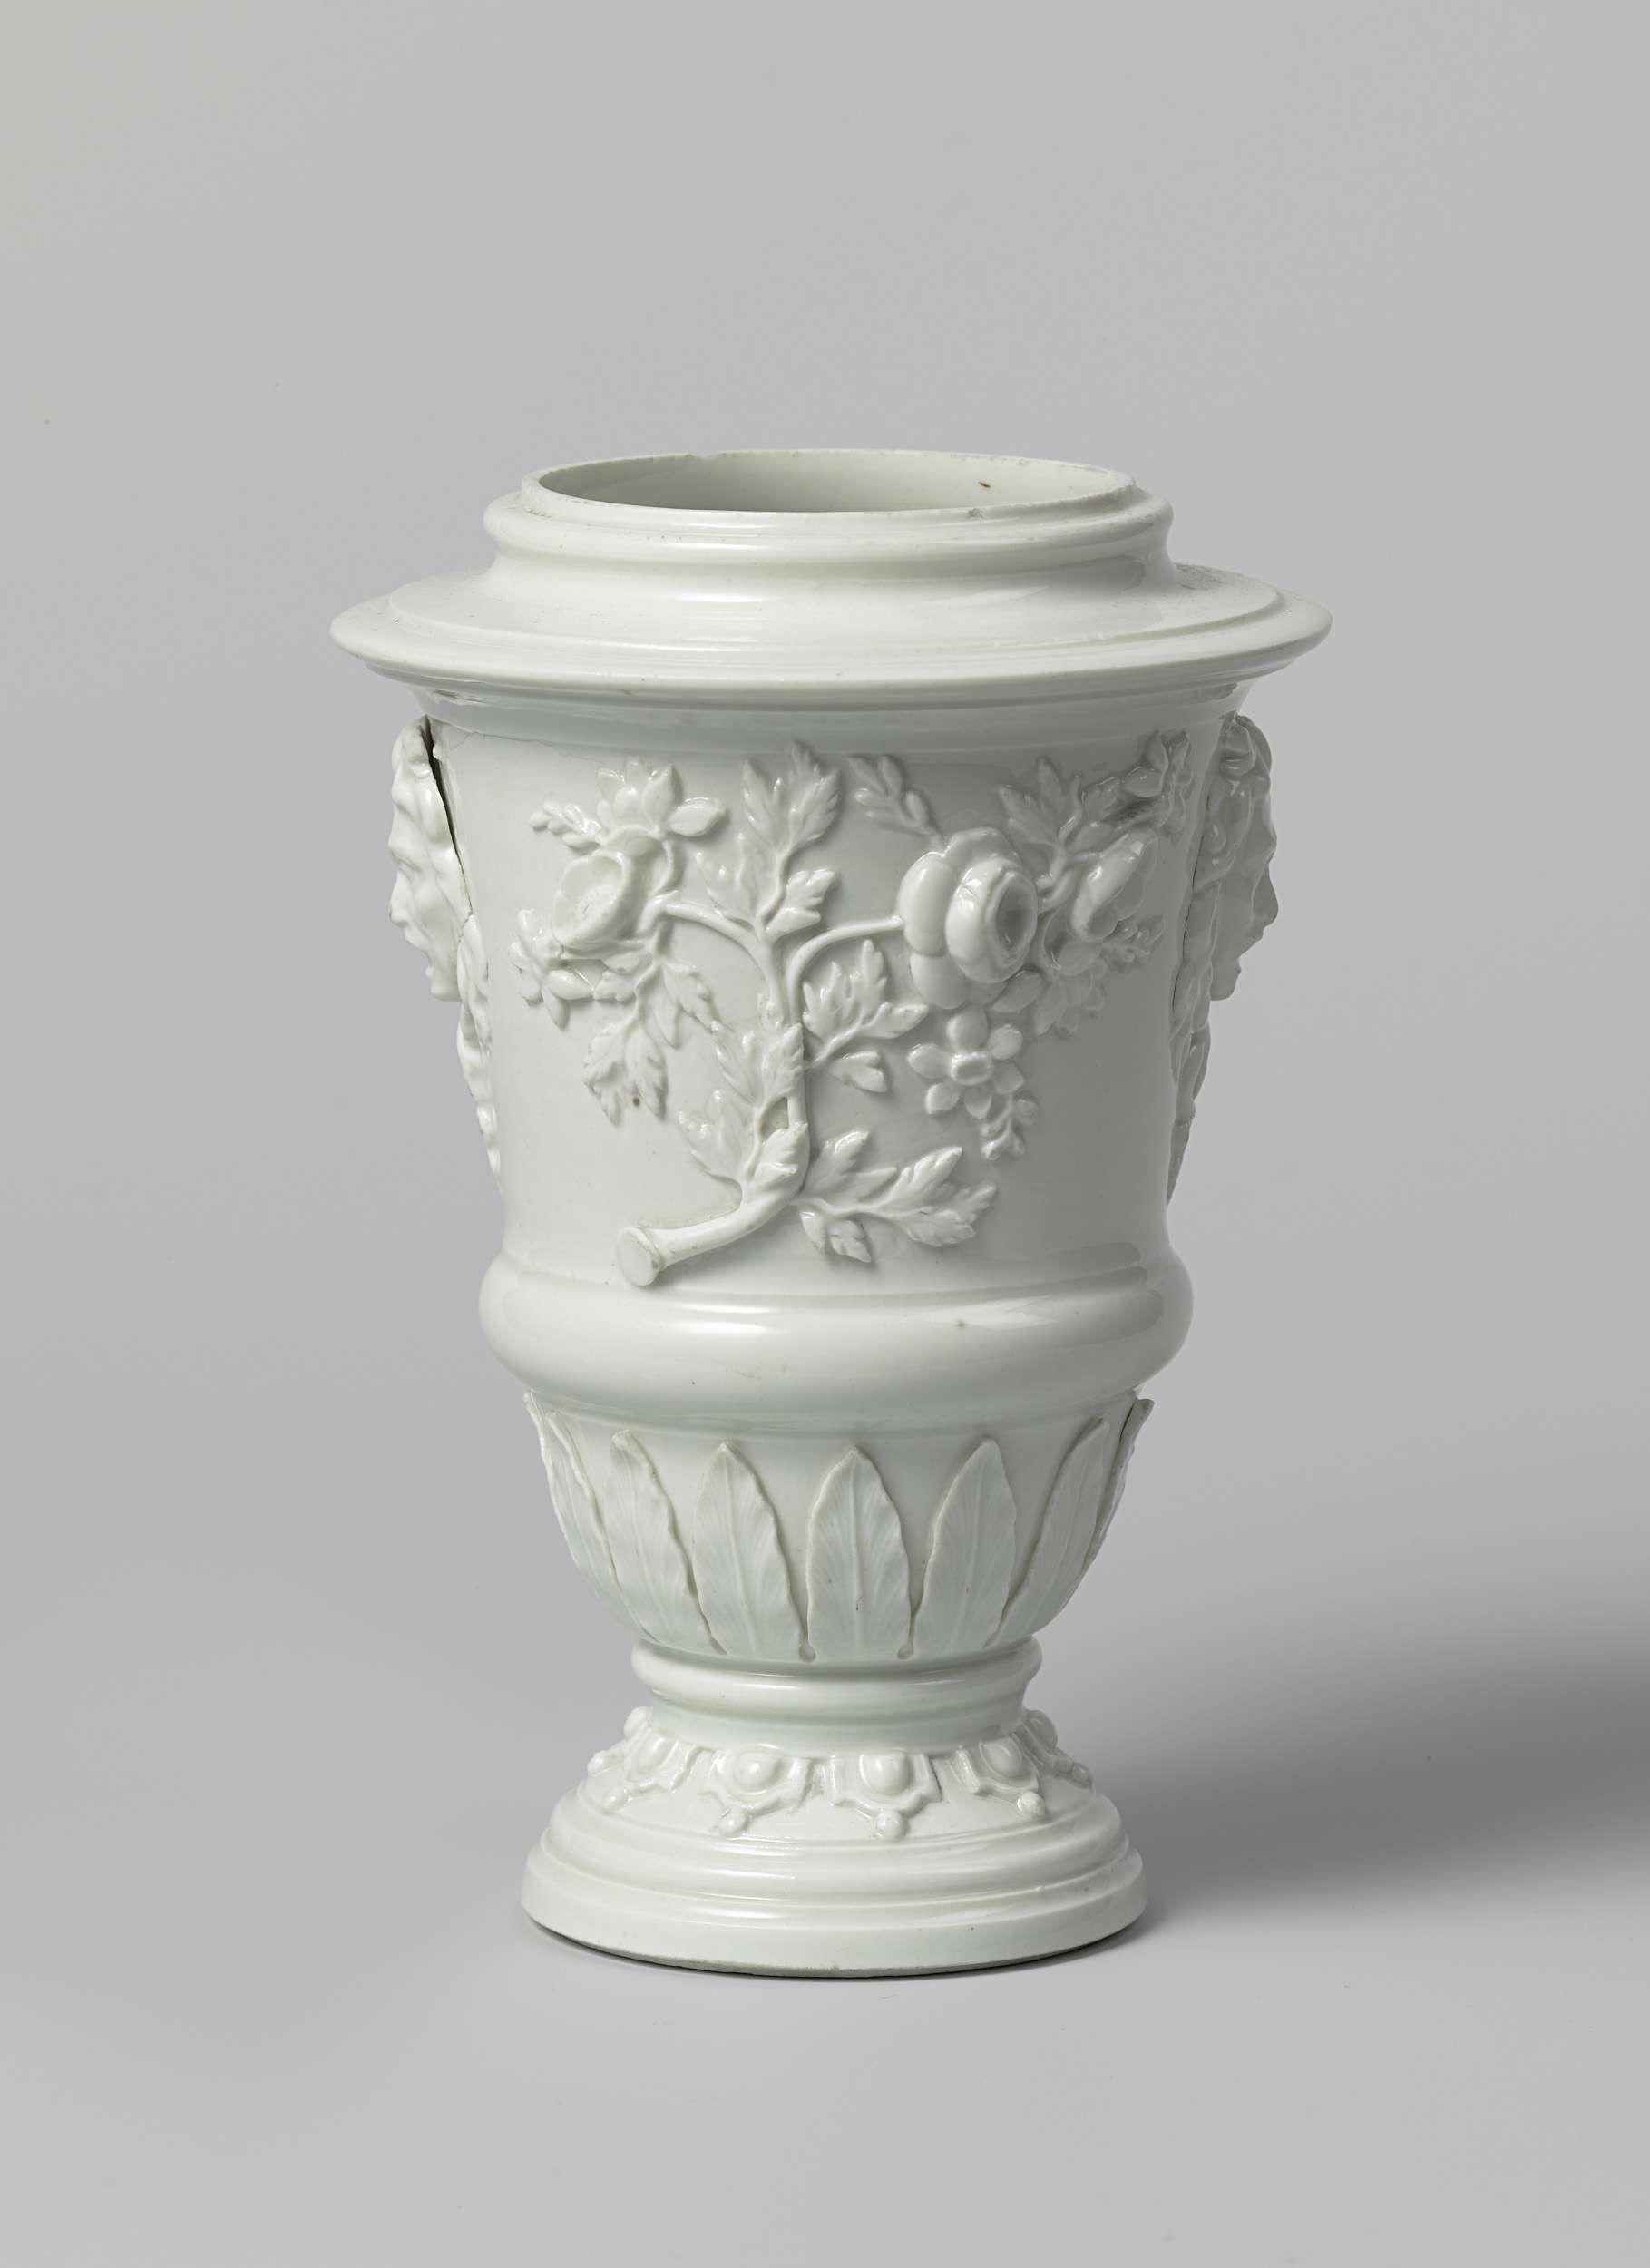 Meissener Porzellan Manufaktur | Vase, Meissener Porzellan Manufaktur, c. 1715 | Vaas van Böttger-porselein. De geprofileerde voet is versierd met een fries van lambrekijns in reliëf. Tussen de voet en het lichaam bevindt zich een platte ring. Over het onderste deel van het lichaam loopt een fries van lancetbladeren in reliëf, waarboven een geprofileerde band. Het bovenste deel is aan voor- en achterzijde gedecoreerd met rozentakken in hoogreliëf, waartussen twee geappliqueerde…